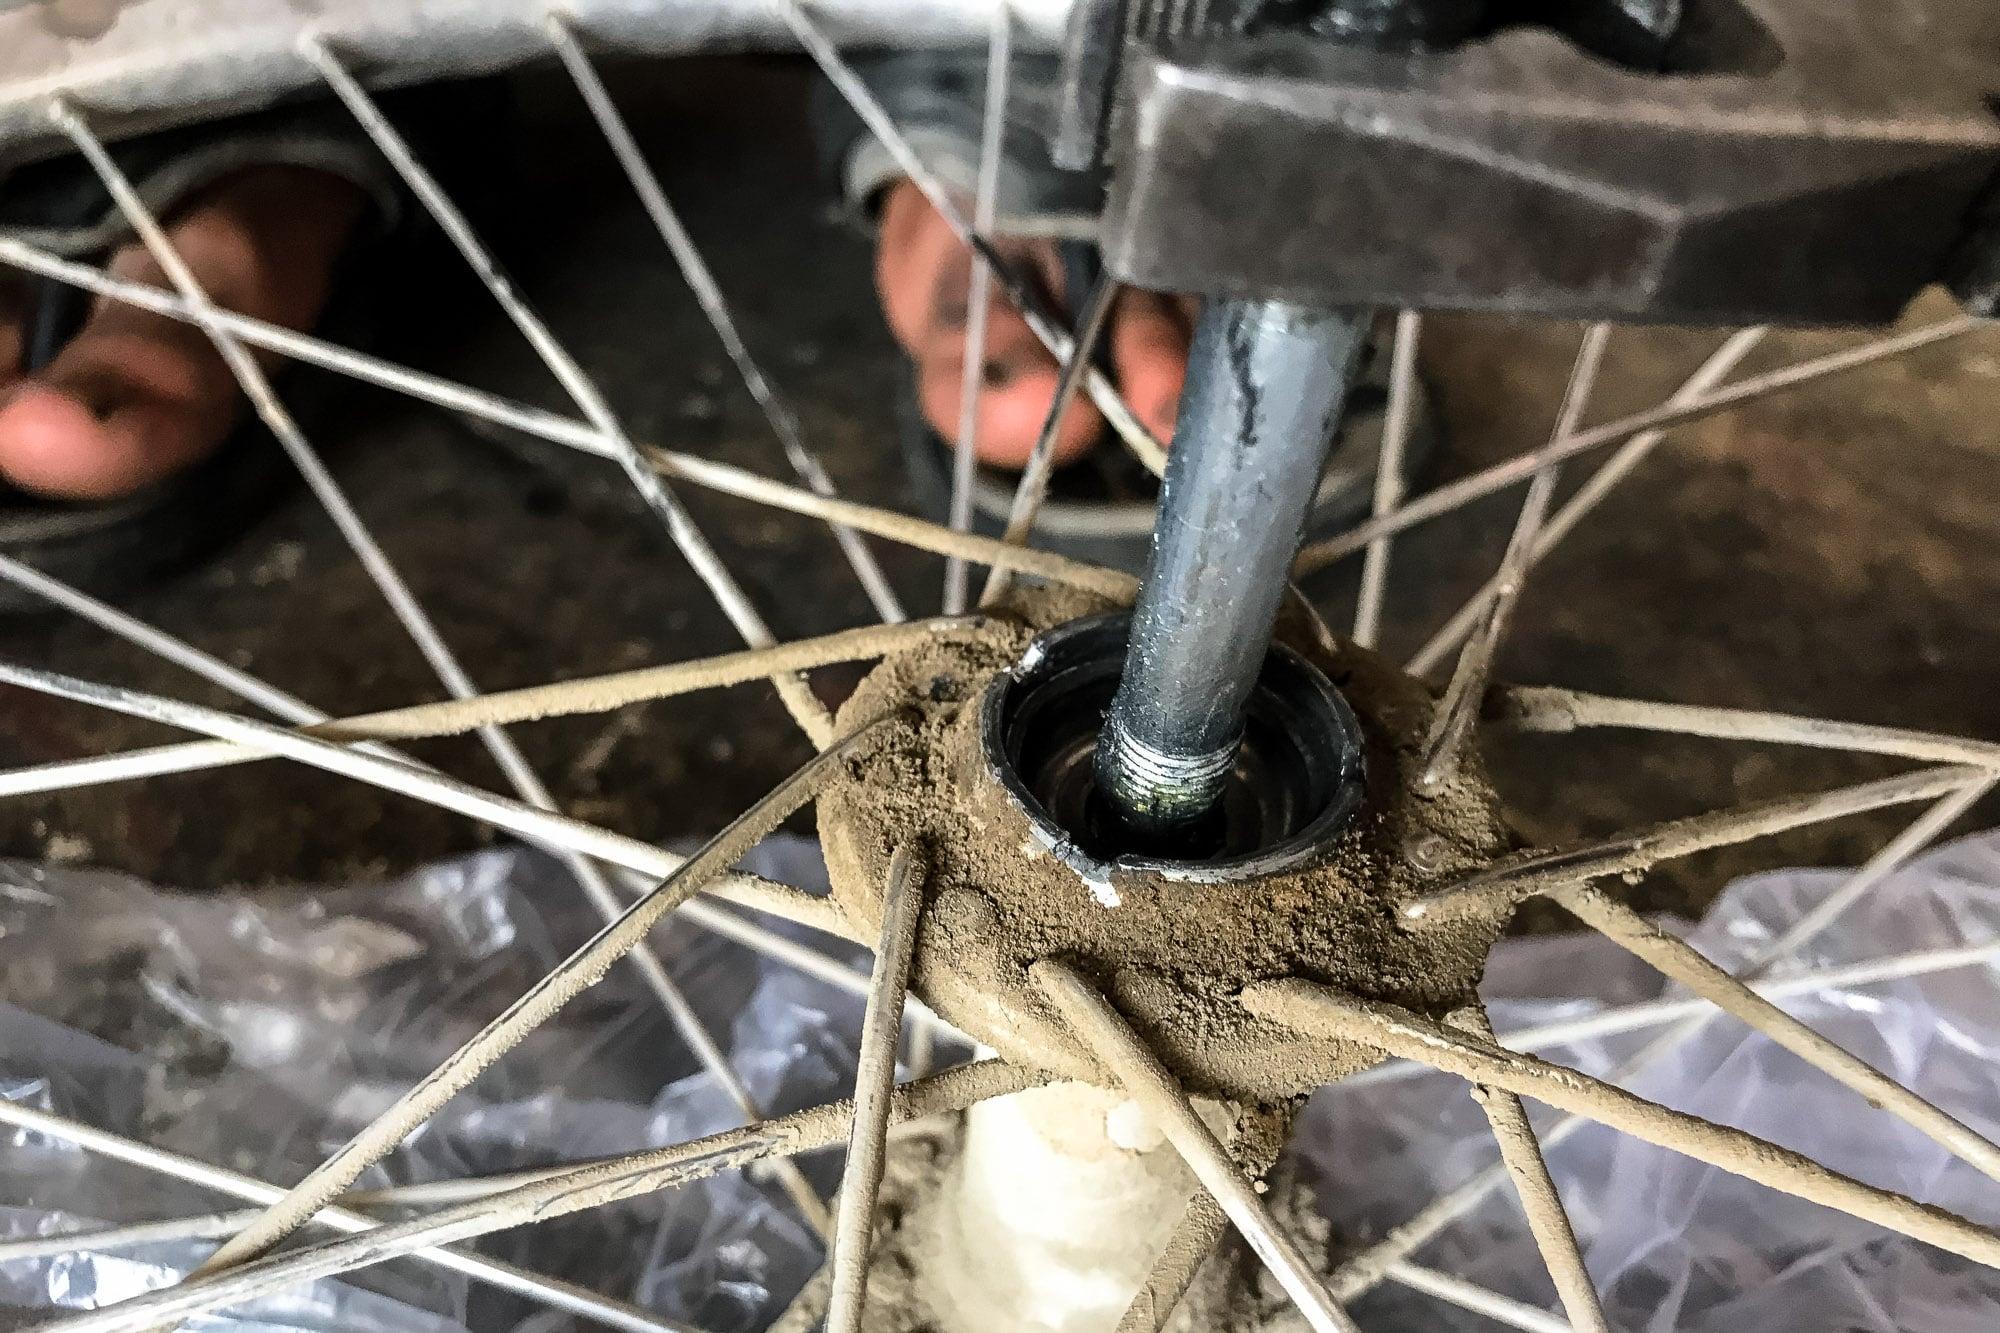 spoke repair